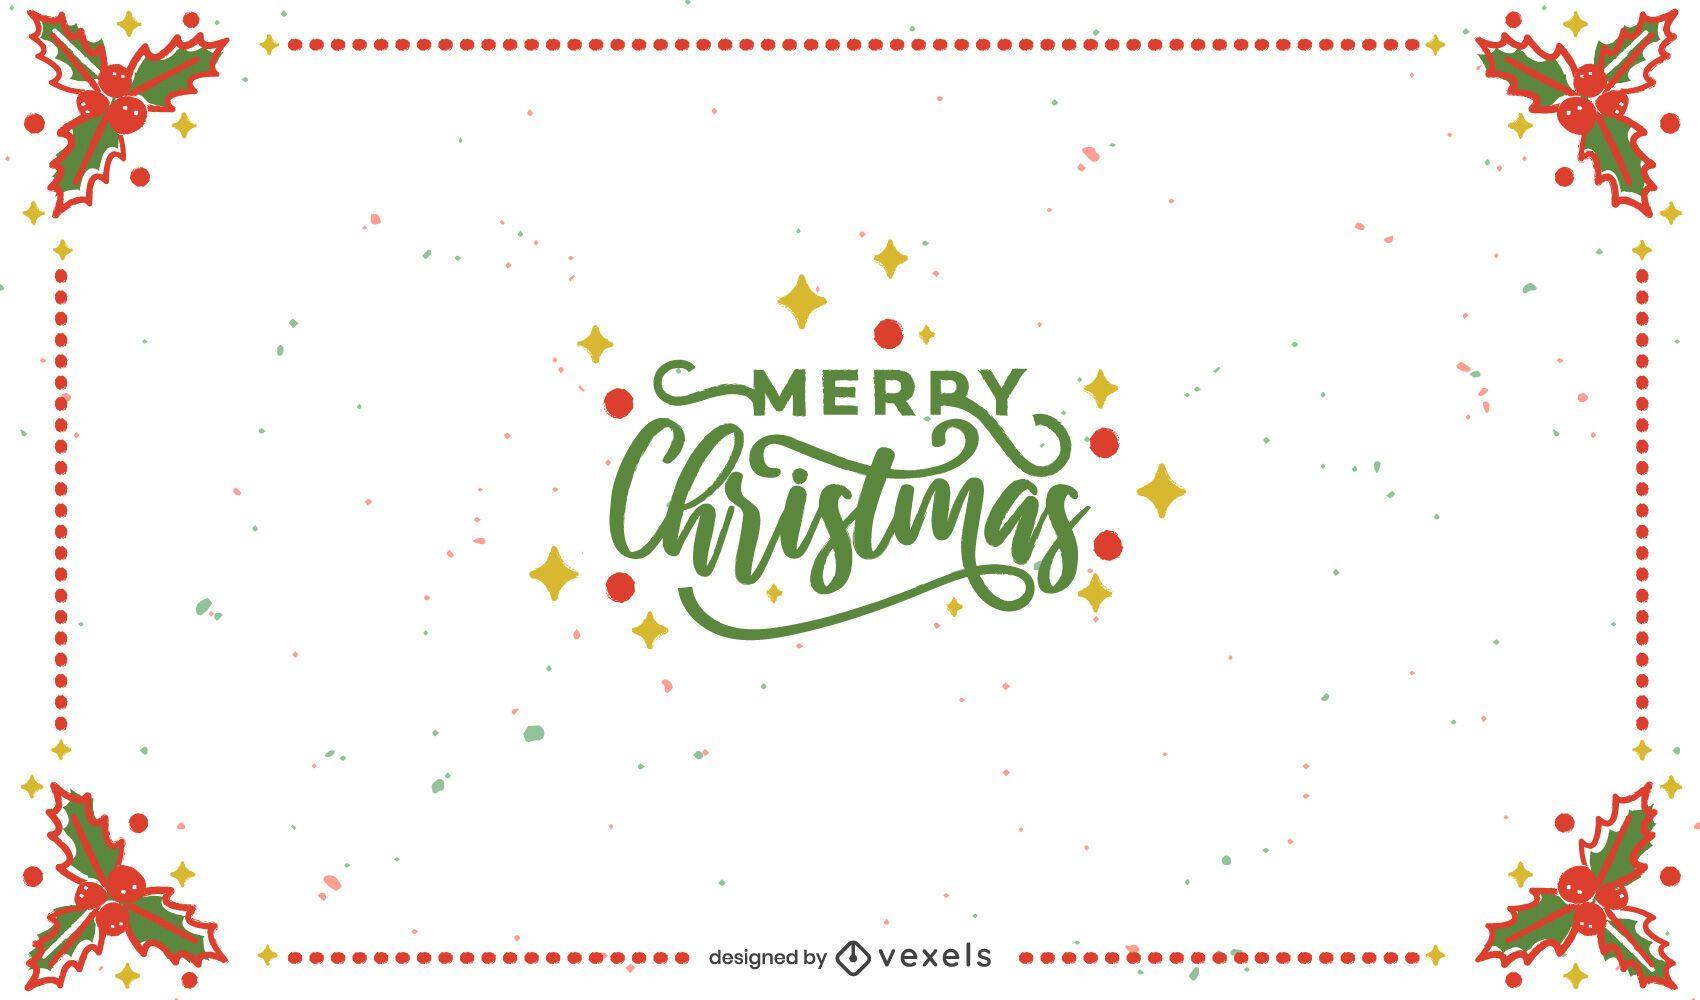 Diseño de fondo de marco de feliz navidad